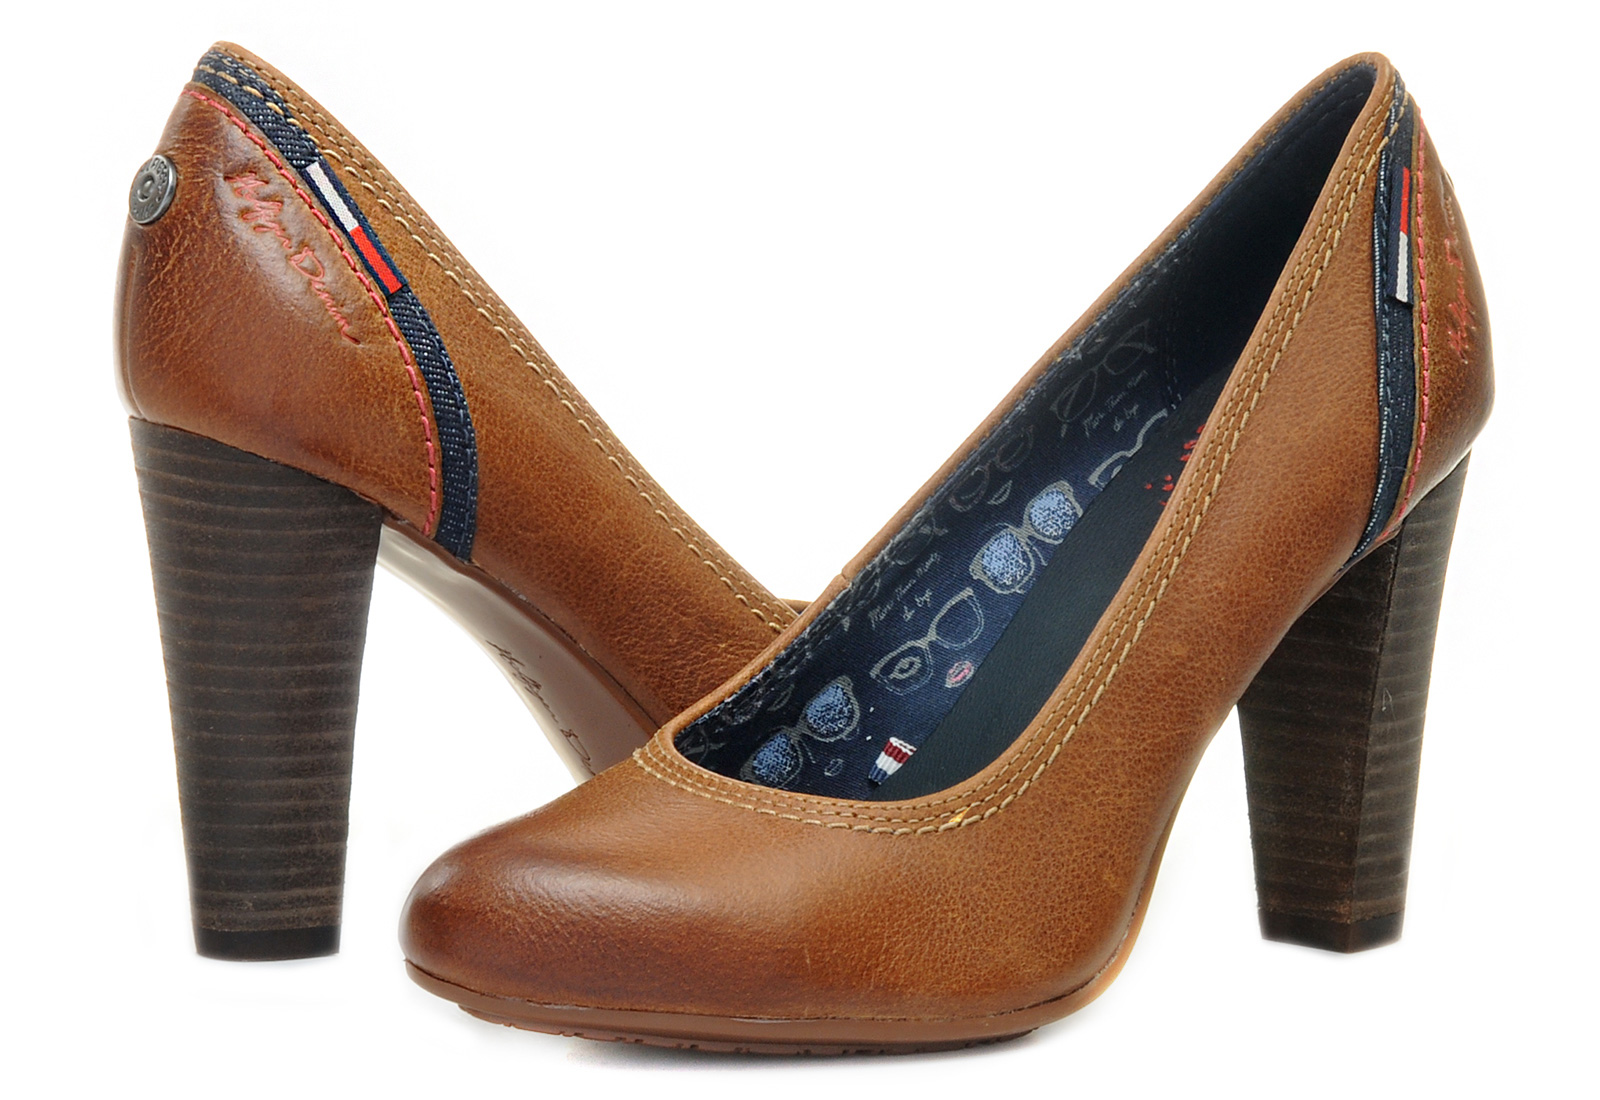 tommy hilfiger high heels jo 7a 13f 6210 606 online. Black Bedroom Furniture Sets. Home Design Ideas